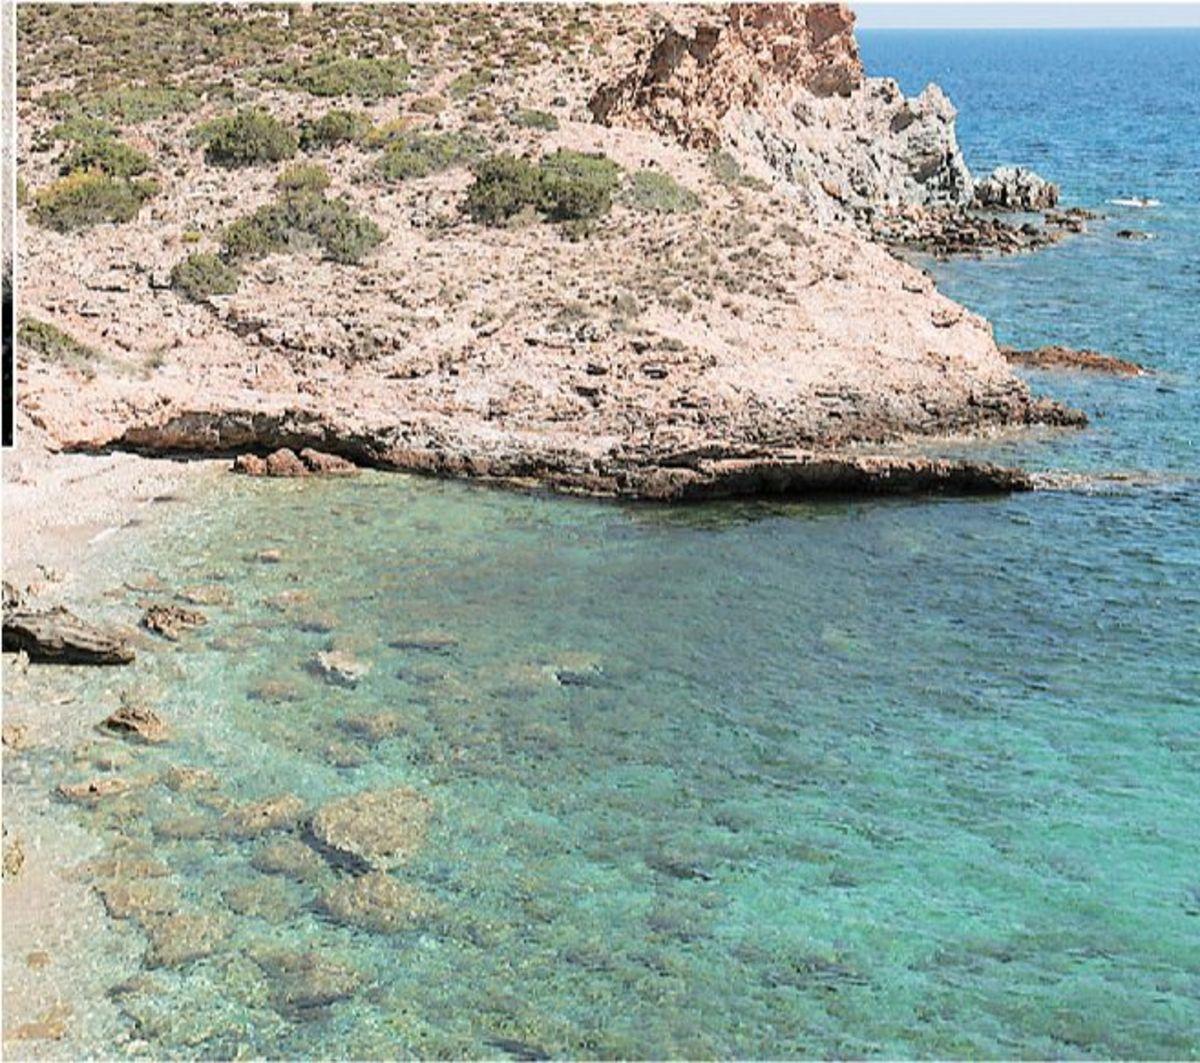 Παραλίες -χωρίς κόσμο- λίγο έξω απο την Αθήνα | Newsit.gr